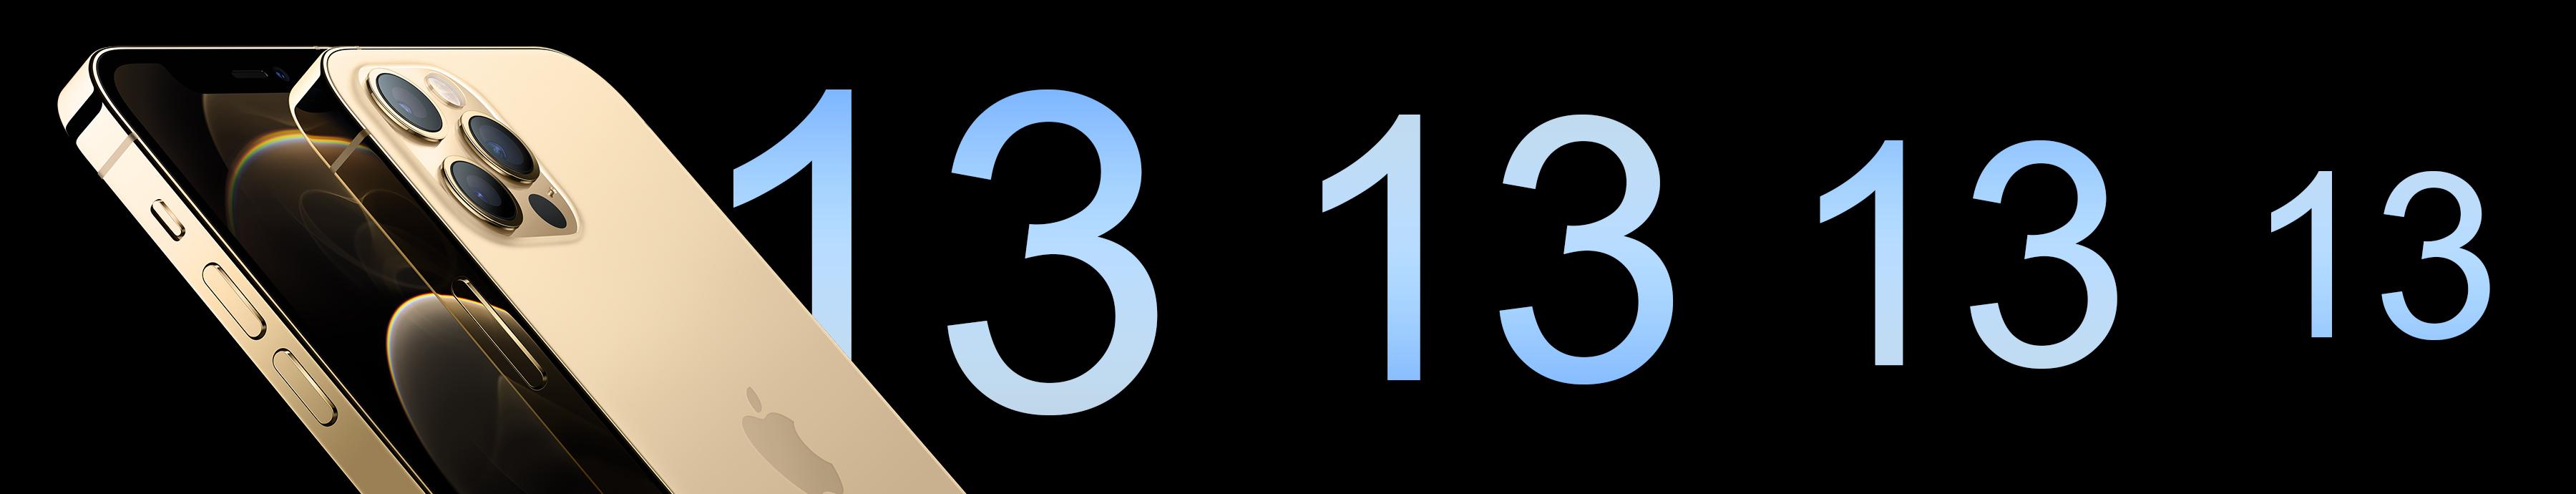 Neues iPhone 13 – Alle Apple-Gerüchte zum neuen Apple iPhone